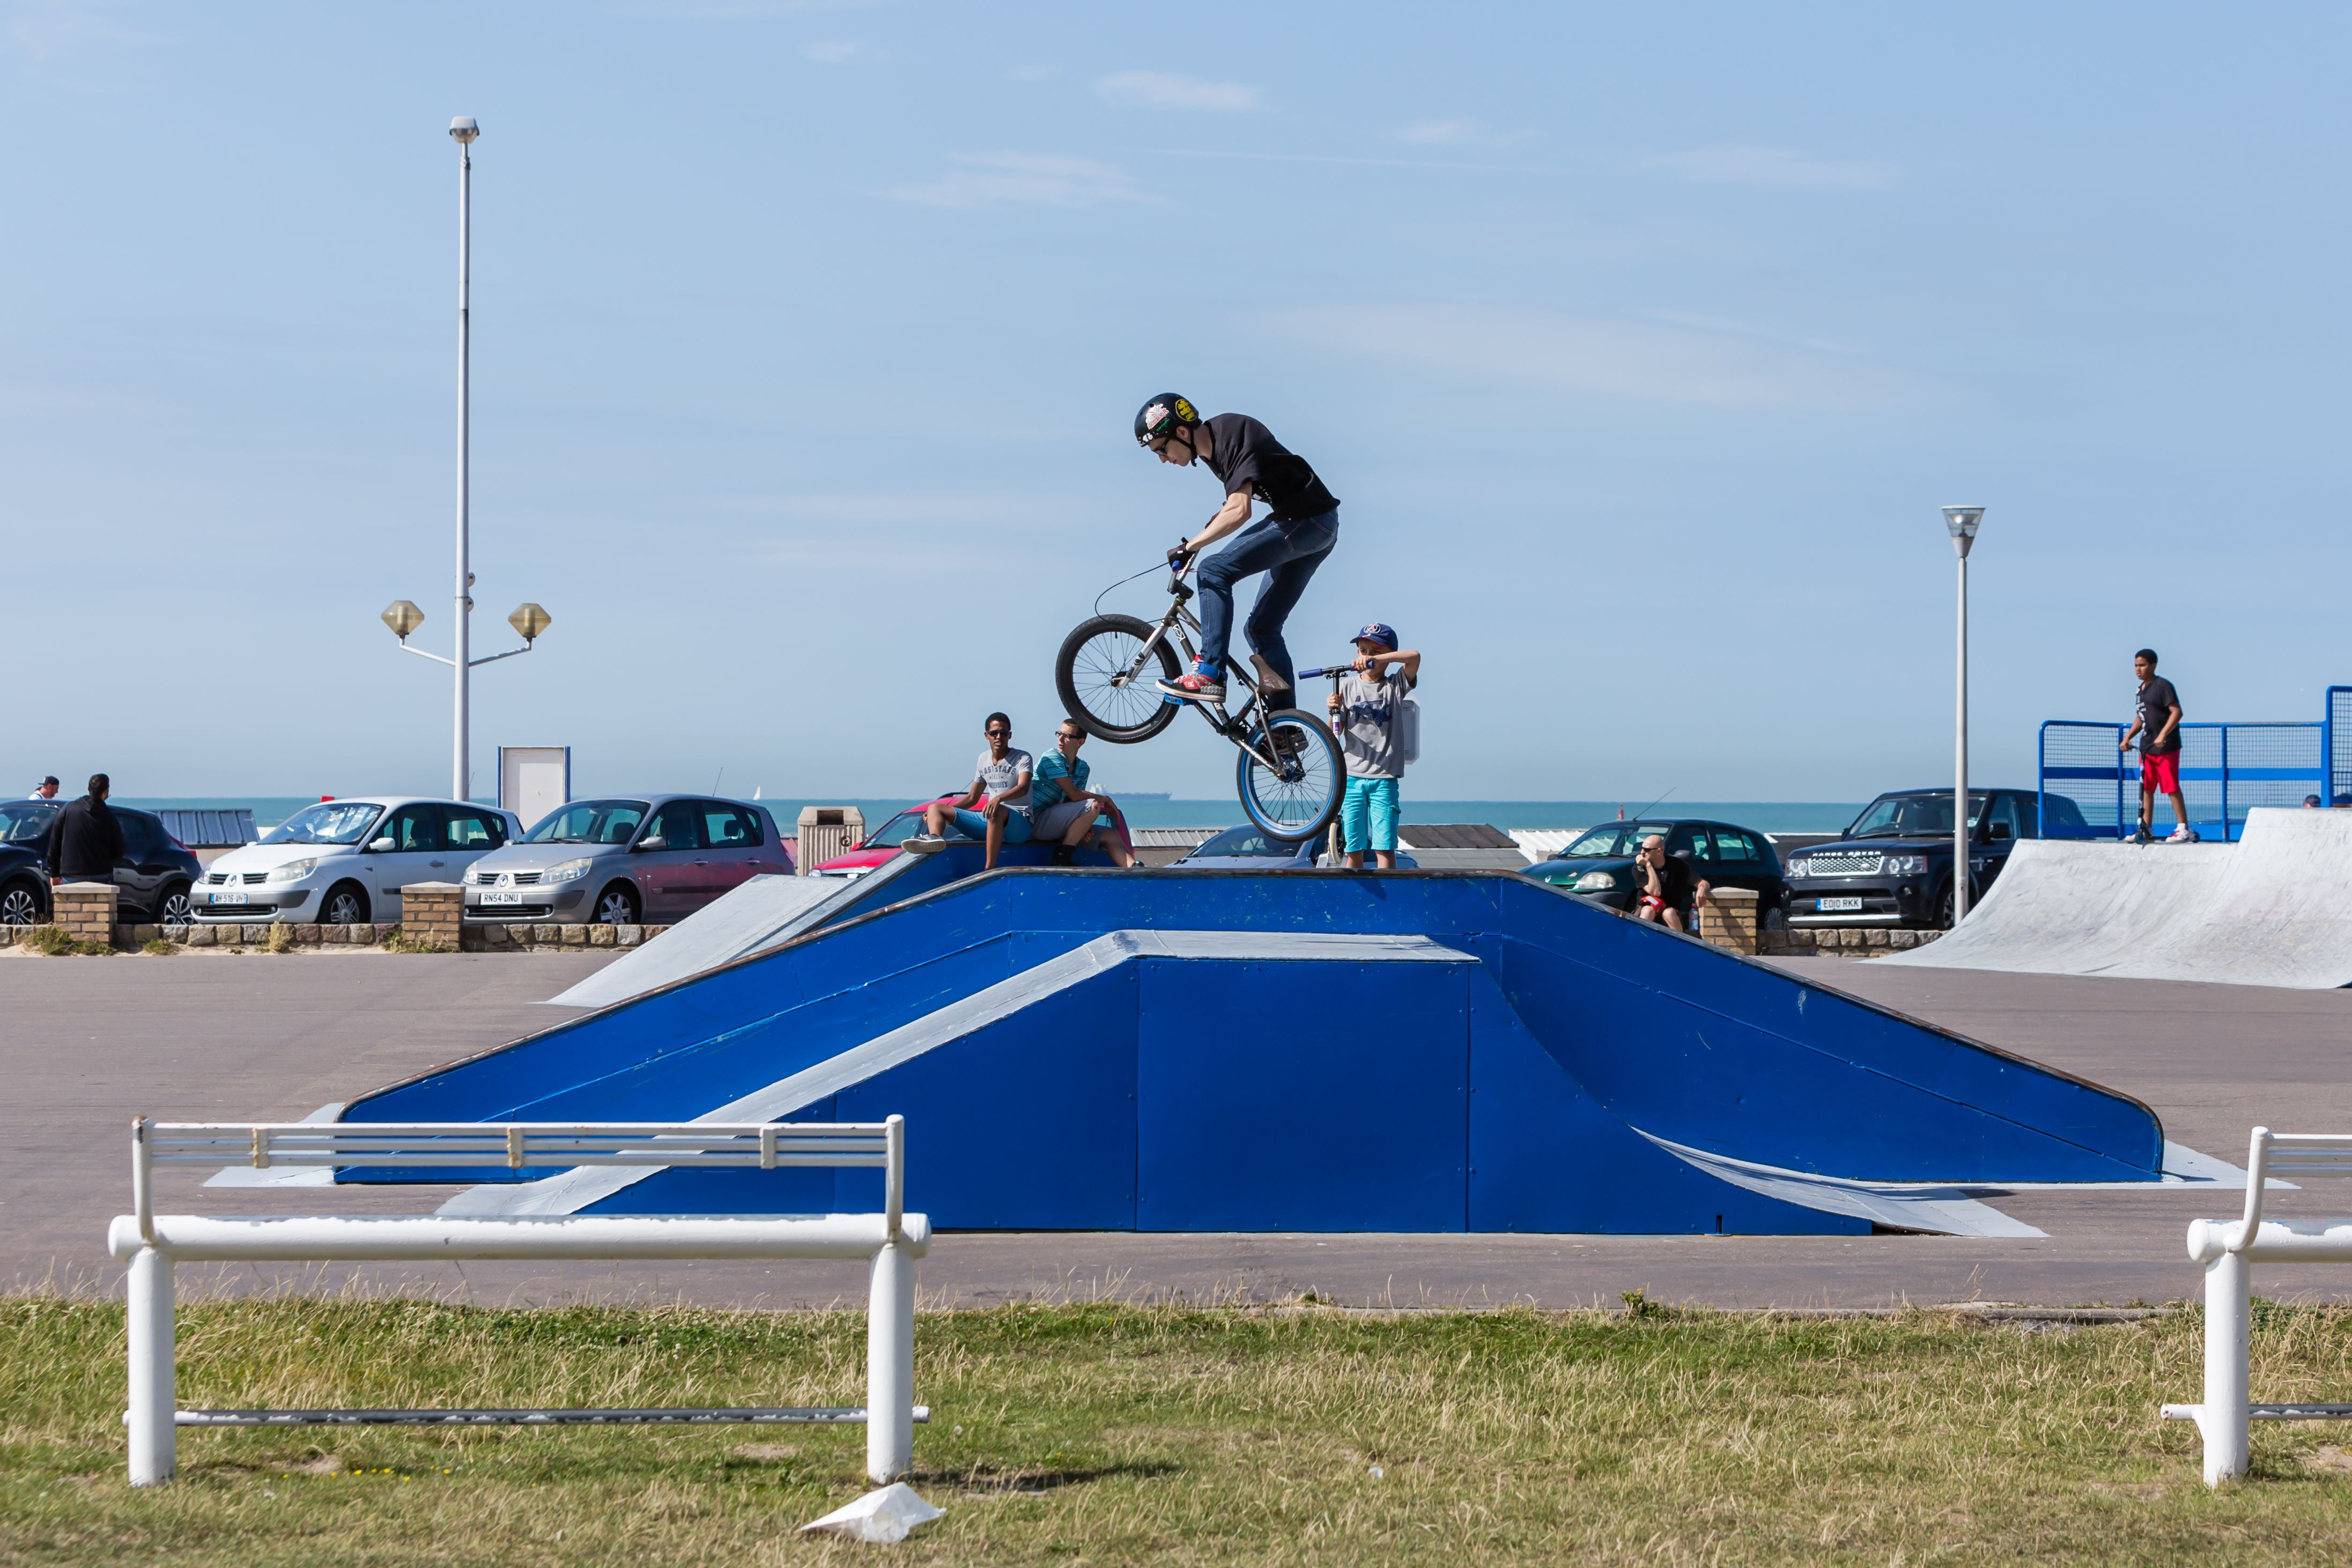 Skate Park De La Plage   Accès Libre Digue Gaston Berthe, 62100 Calais